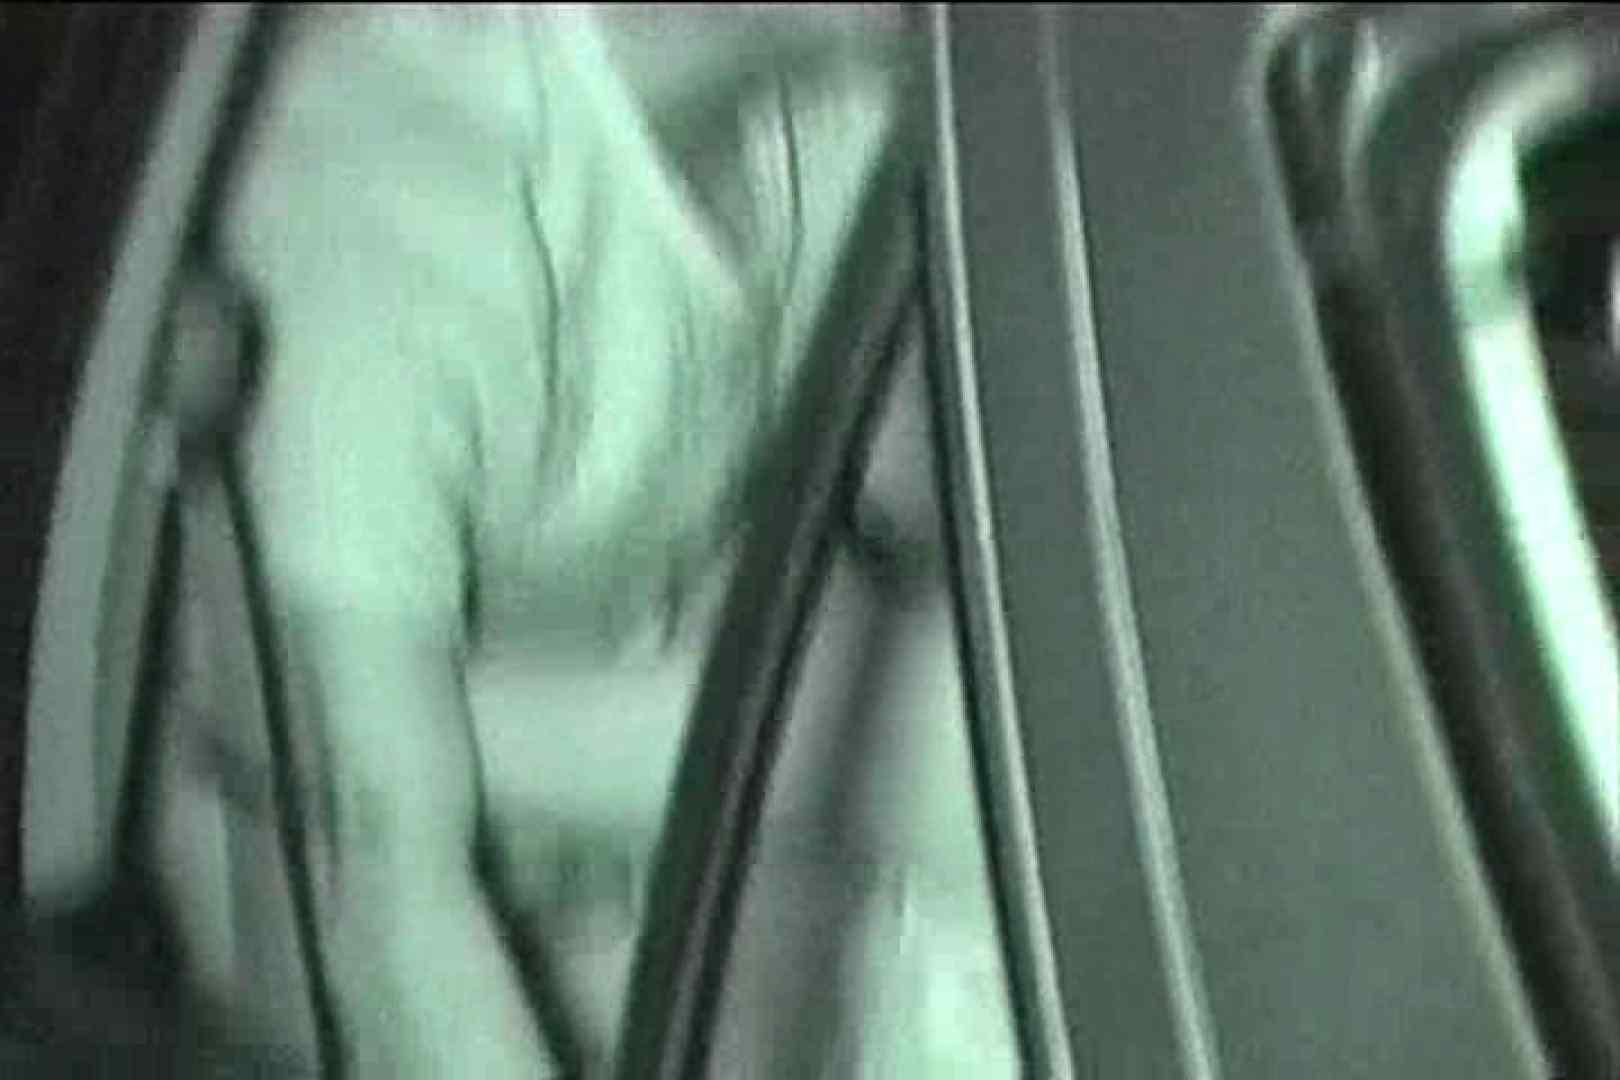 カーセックス未編集・無修正版 Vol.11 セックス おまんこ無修正動画無料 97pic 88